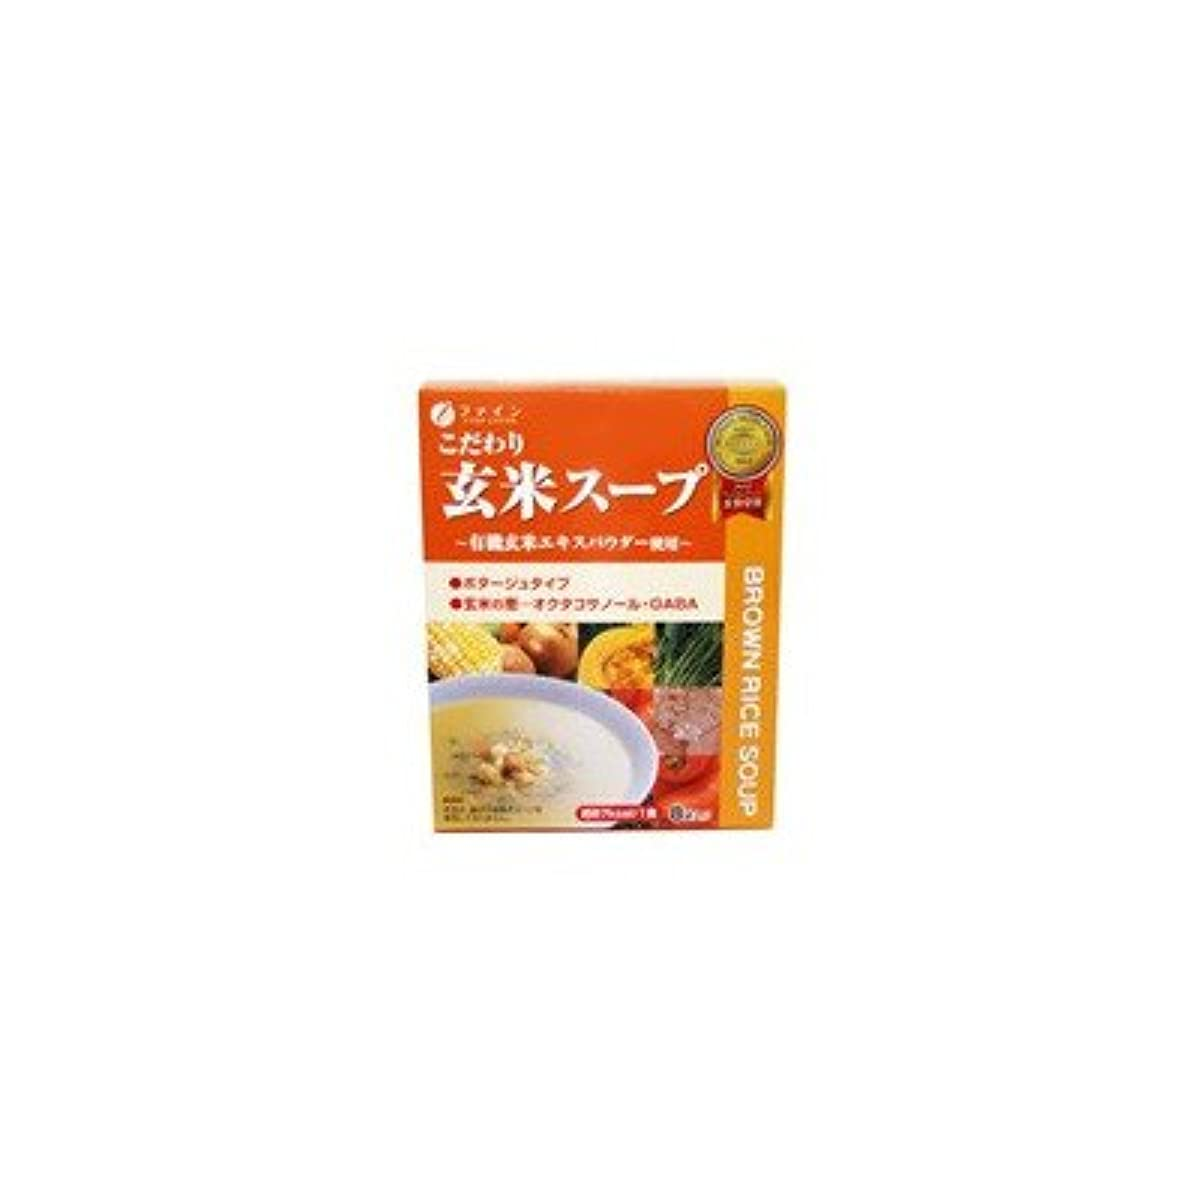 コカイン市の花嵐ファイン 203399 こだわり玄米スープ(8食入り)